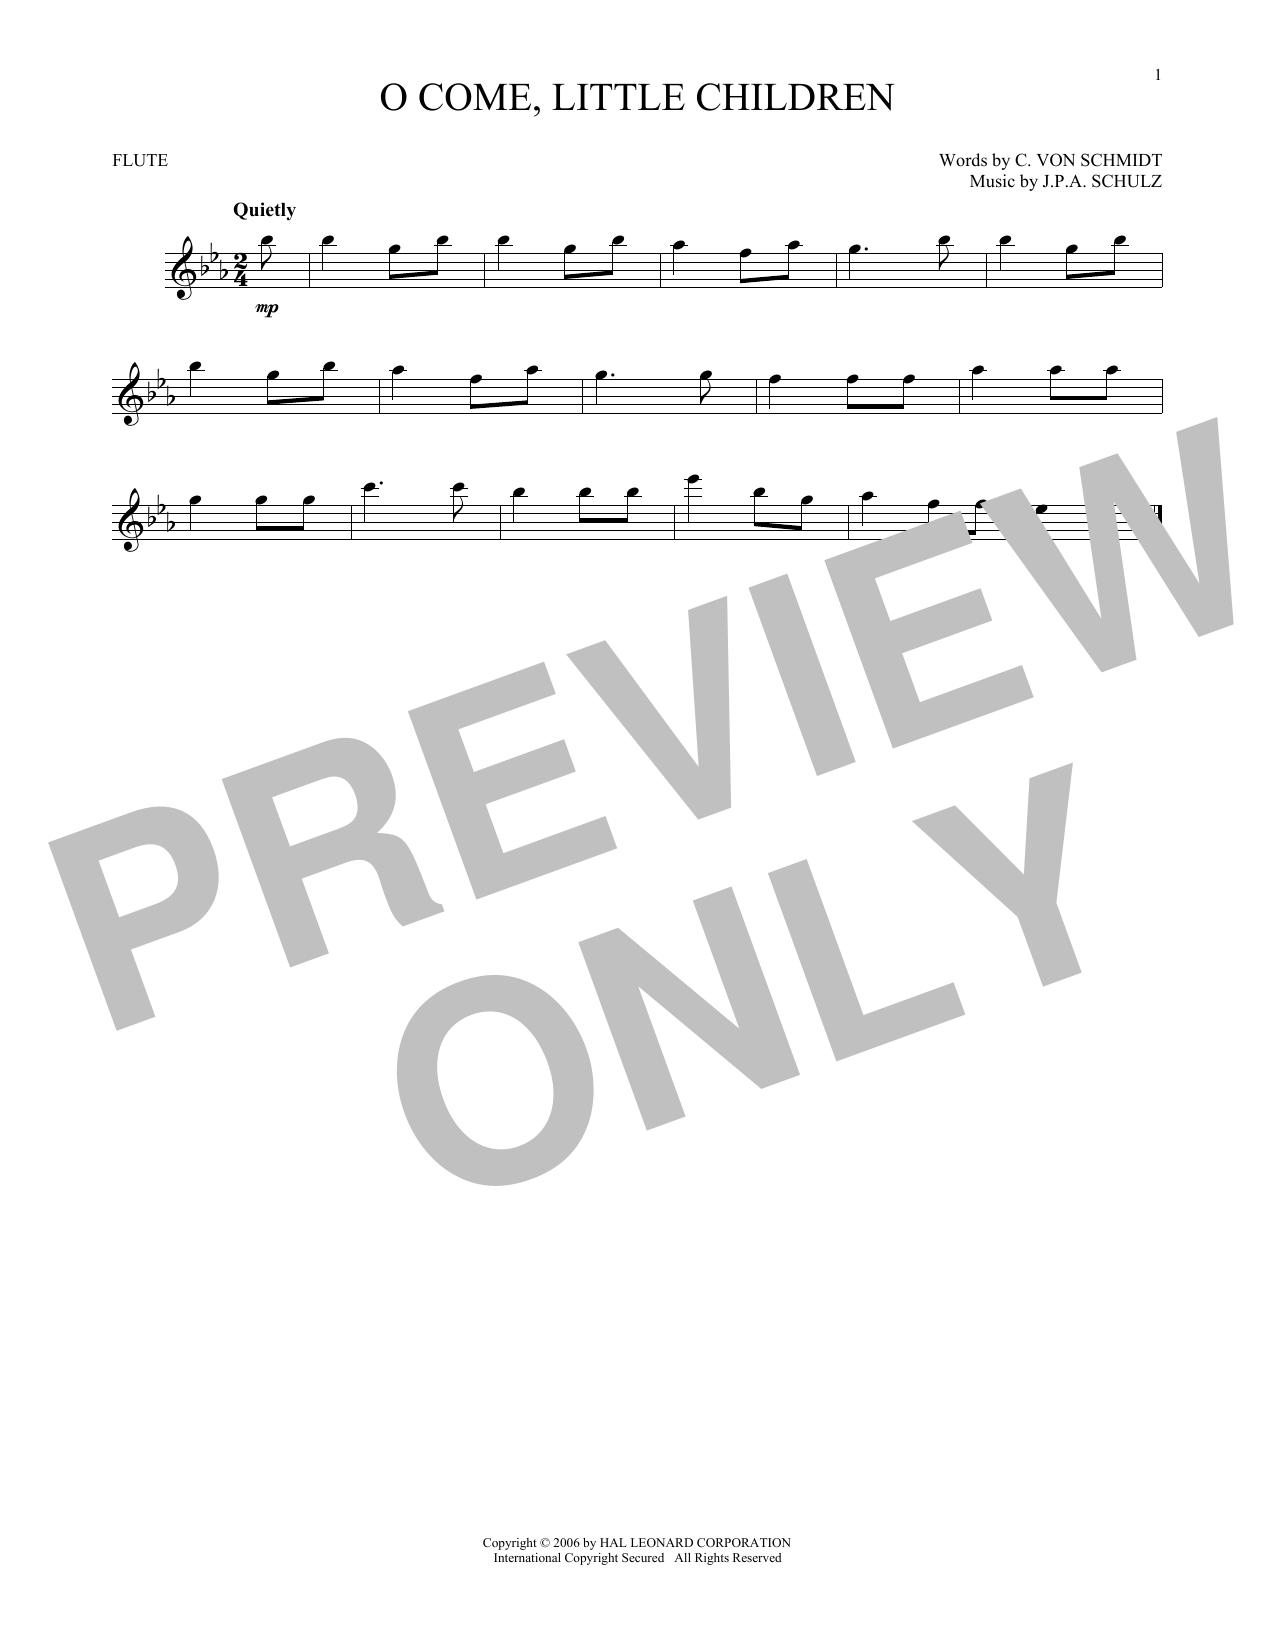 O Come, Little Children (Flute Solo)